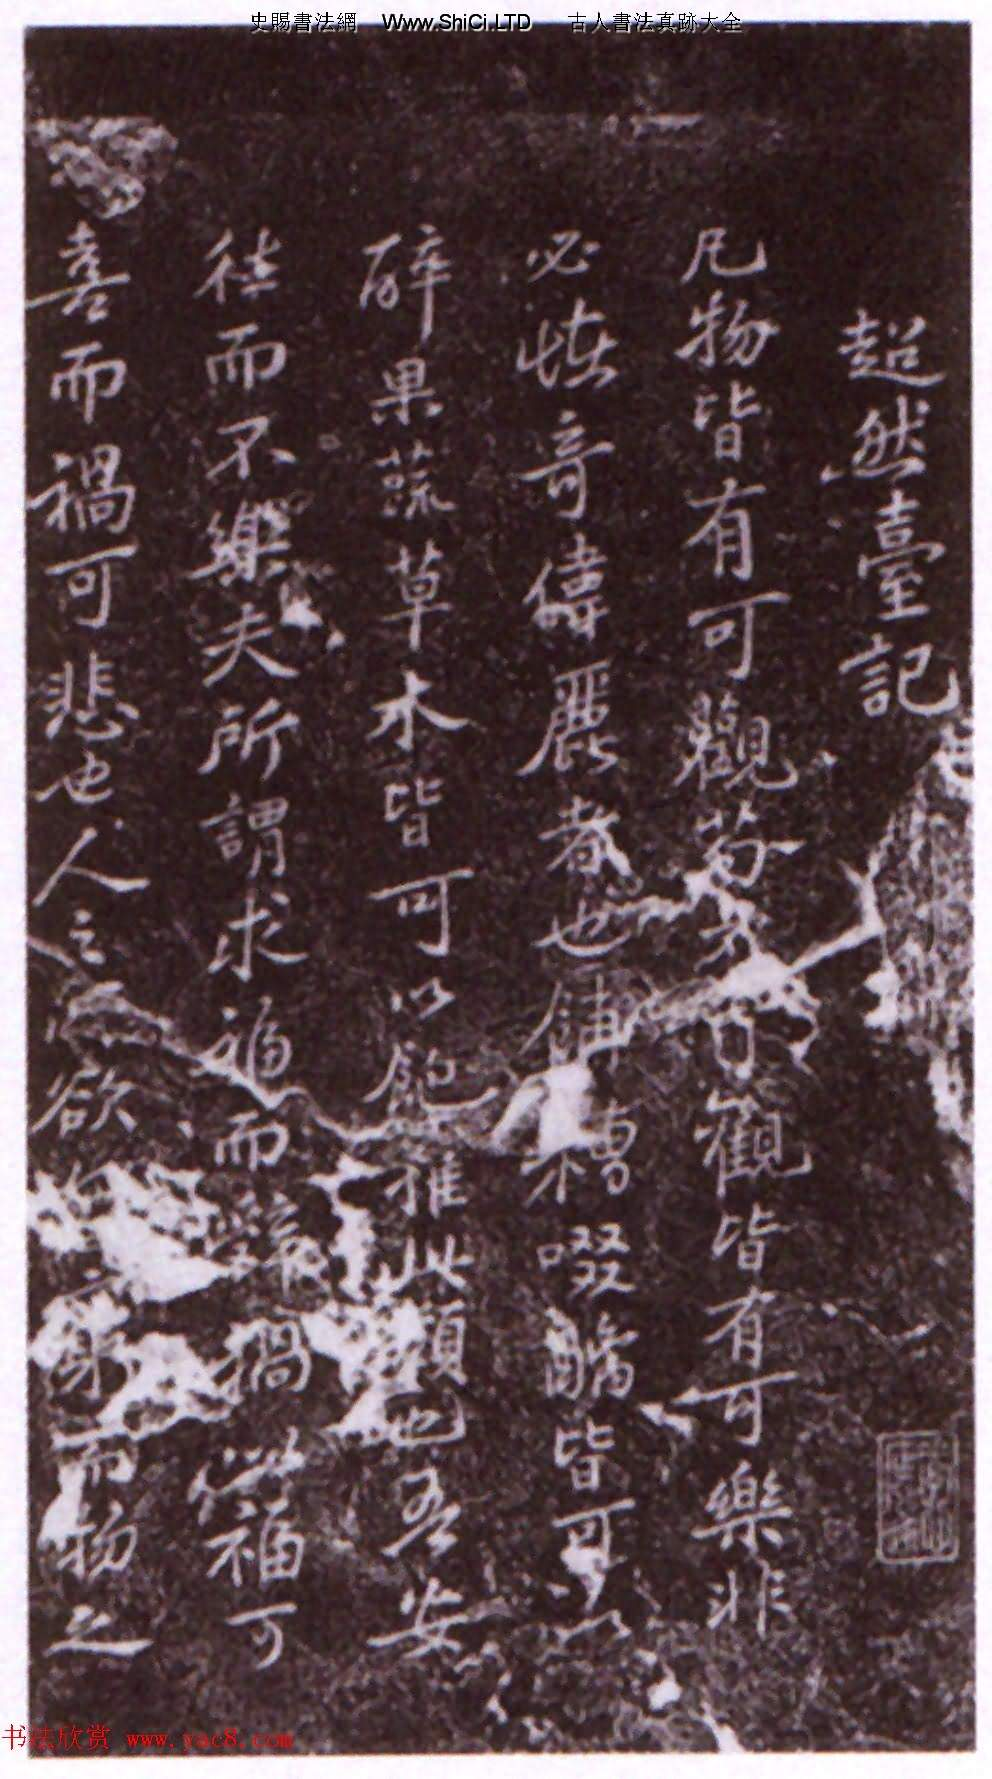 蘇東坡40歲書法字帖《超然台記石刻》(共9張圖片)